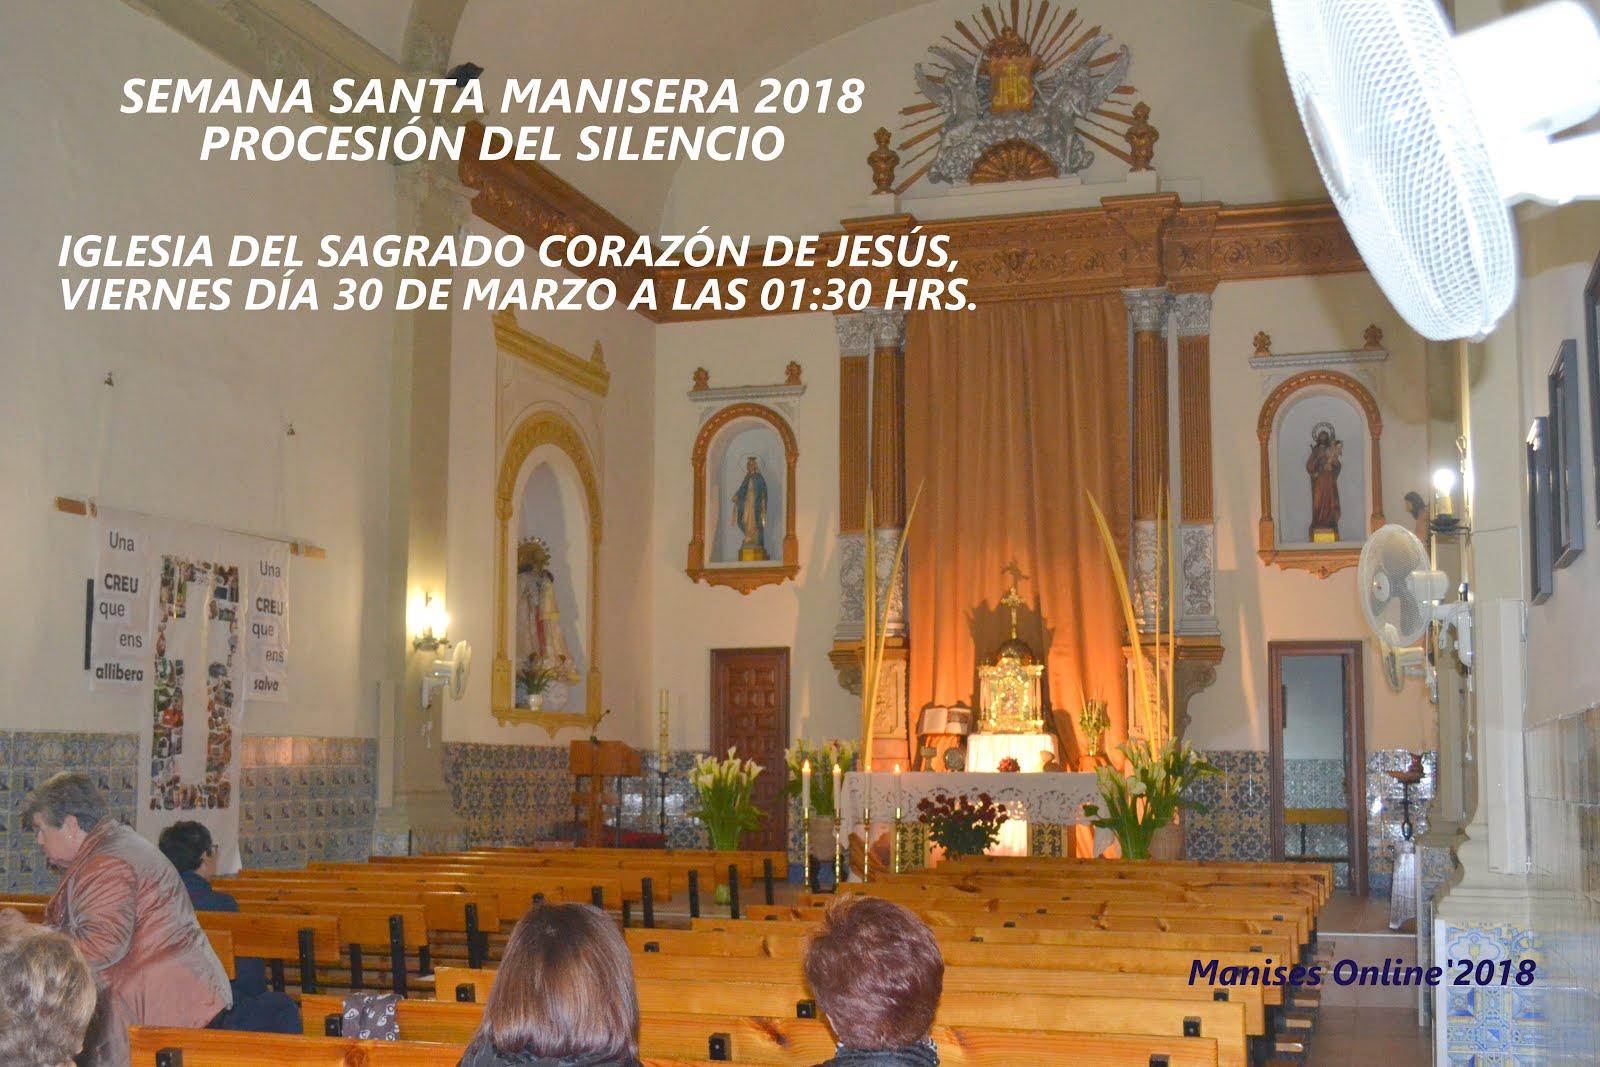 30.03.18 SEMANA SANTA MANISERA 2018: PROCESIÓN DEL SILENCIO, VIERNES SANTO